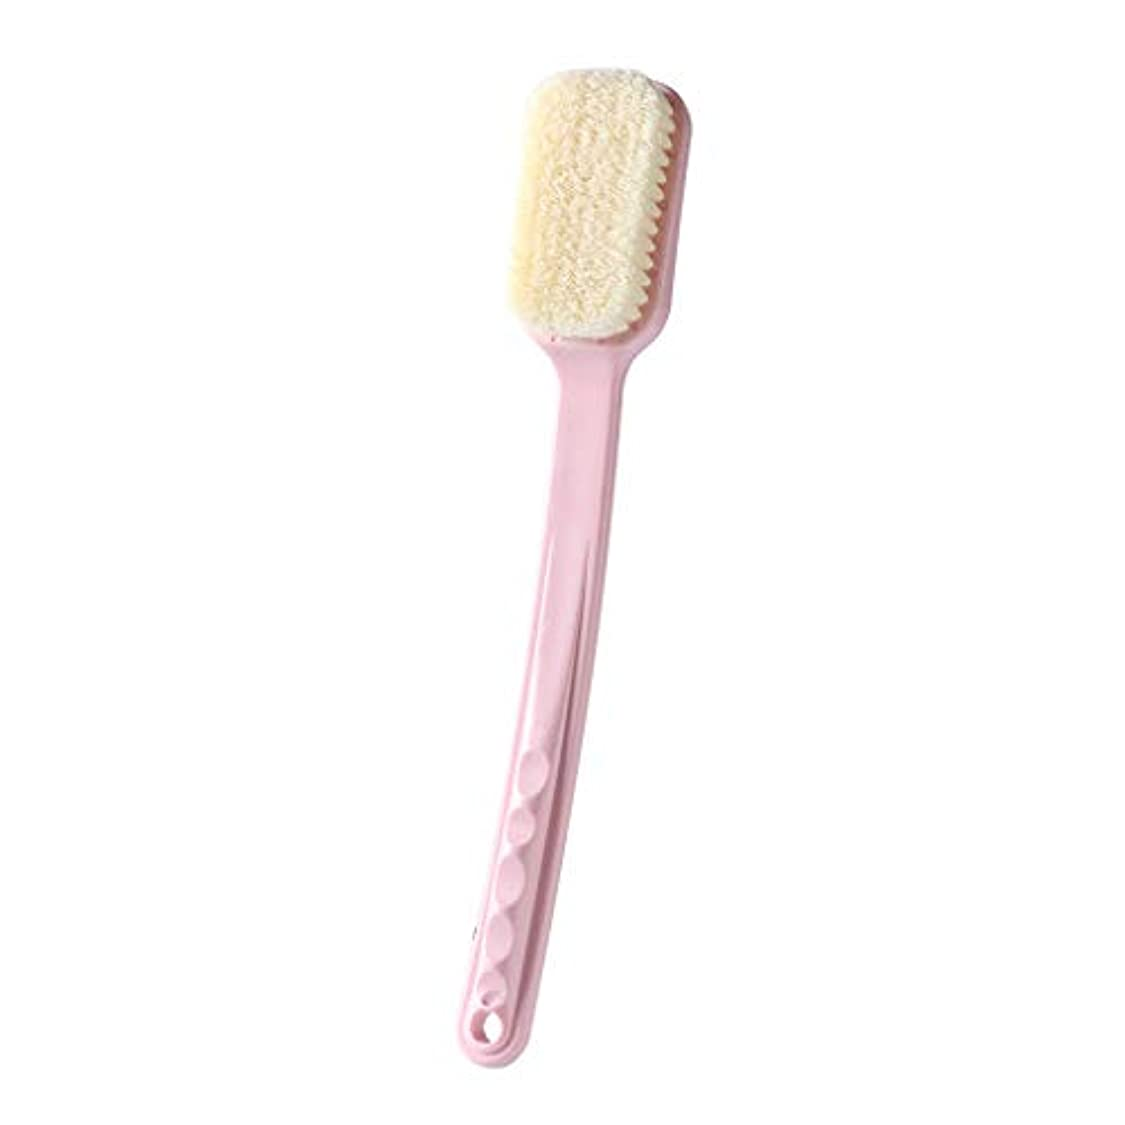 ジョブブランデースキップTXC- 付ボディブラシ戻るブラシロングハンドルのお風呂シャワーブラシナチュラルたてがみスキンドライ竹木、バックブラシロング竹ハンドル滑り止め、エクスフォリエイティングブラシ 快適な (Color : Pink)